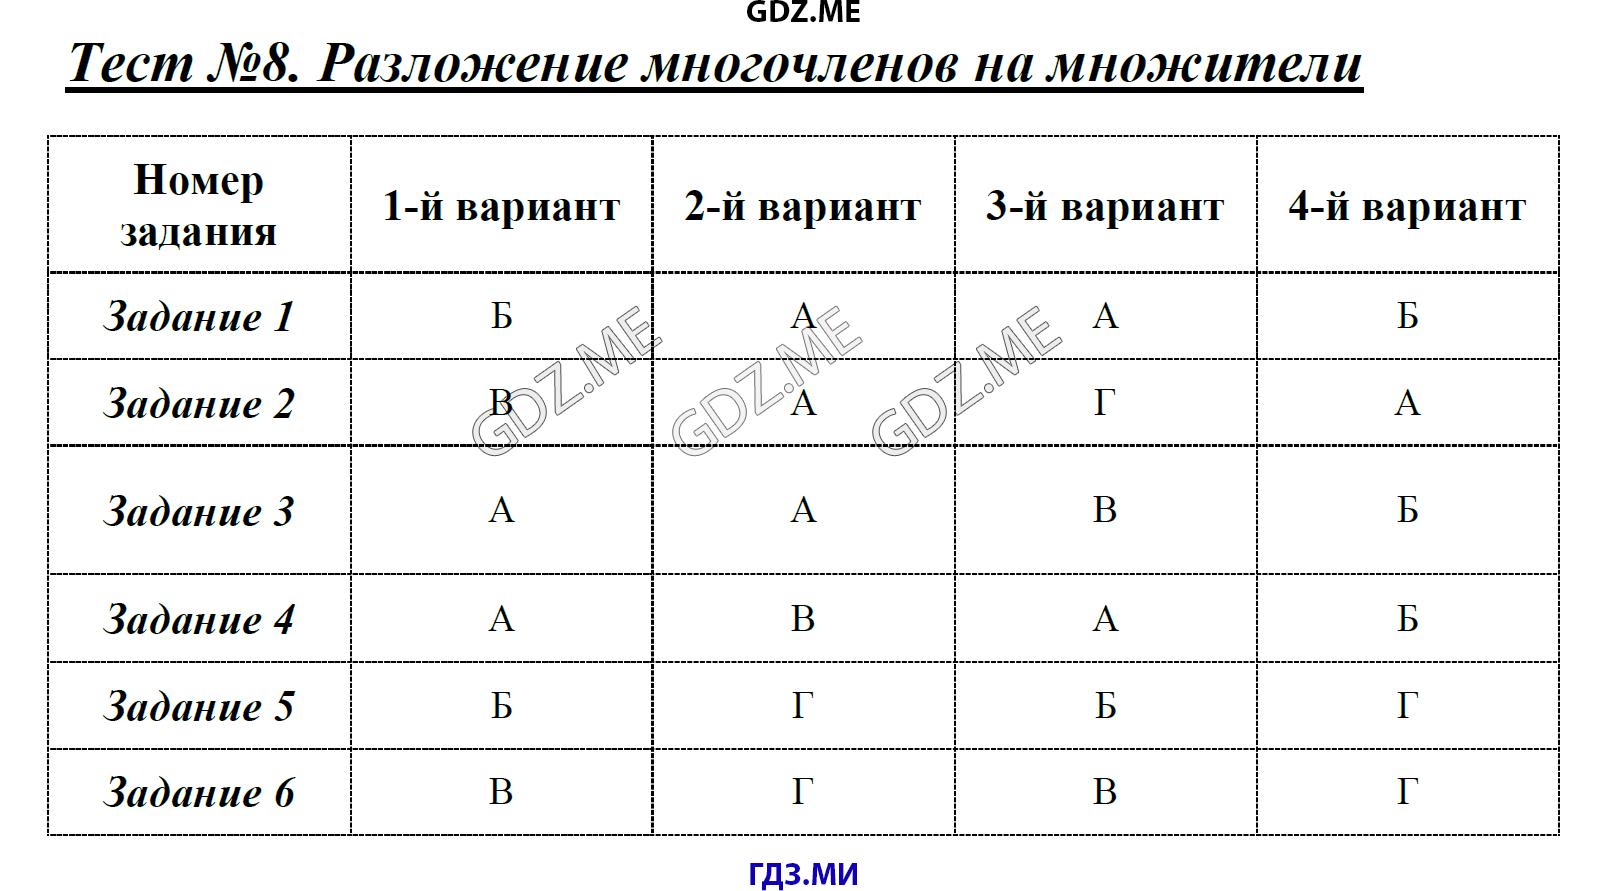 Гдз На Тесты По Алгебре 8 Класс Глазков